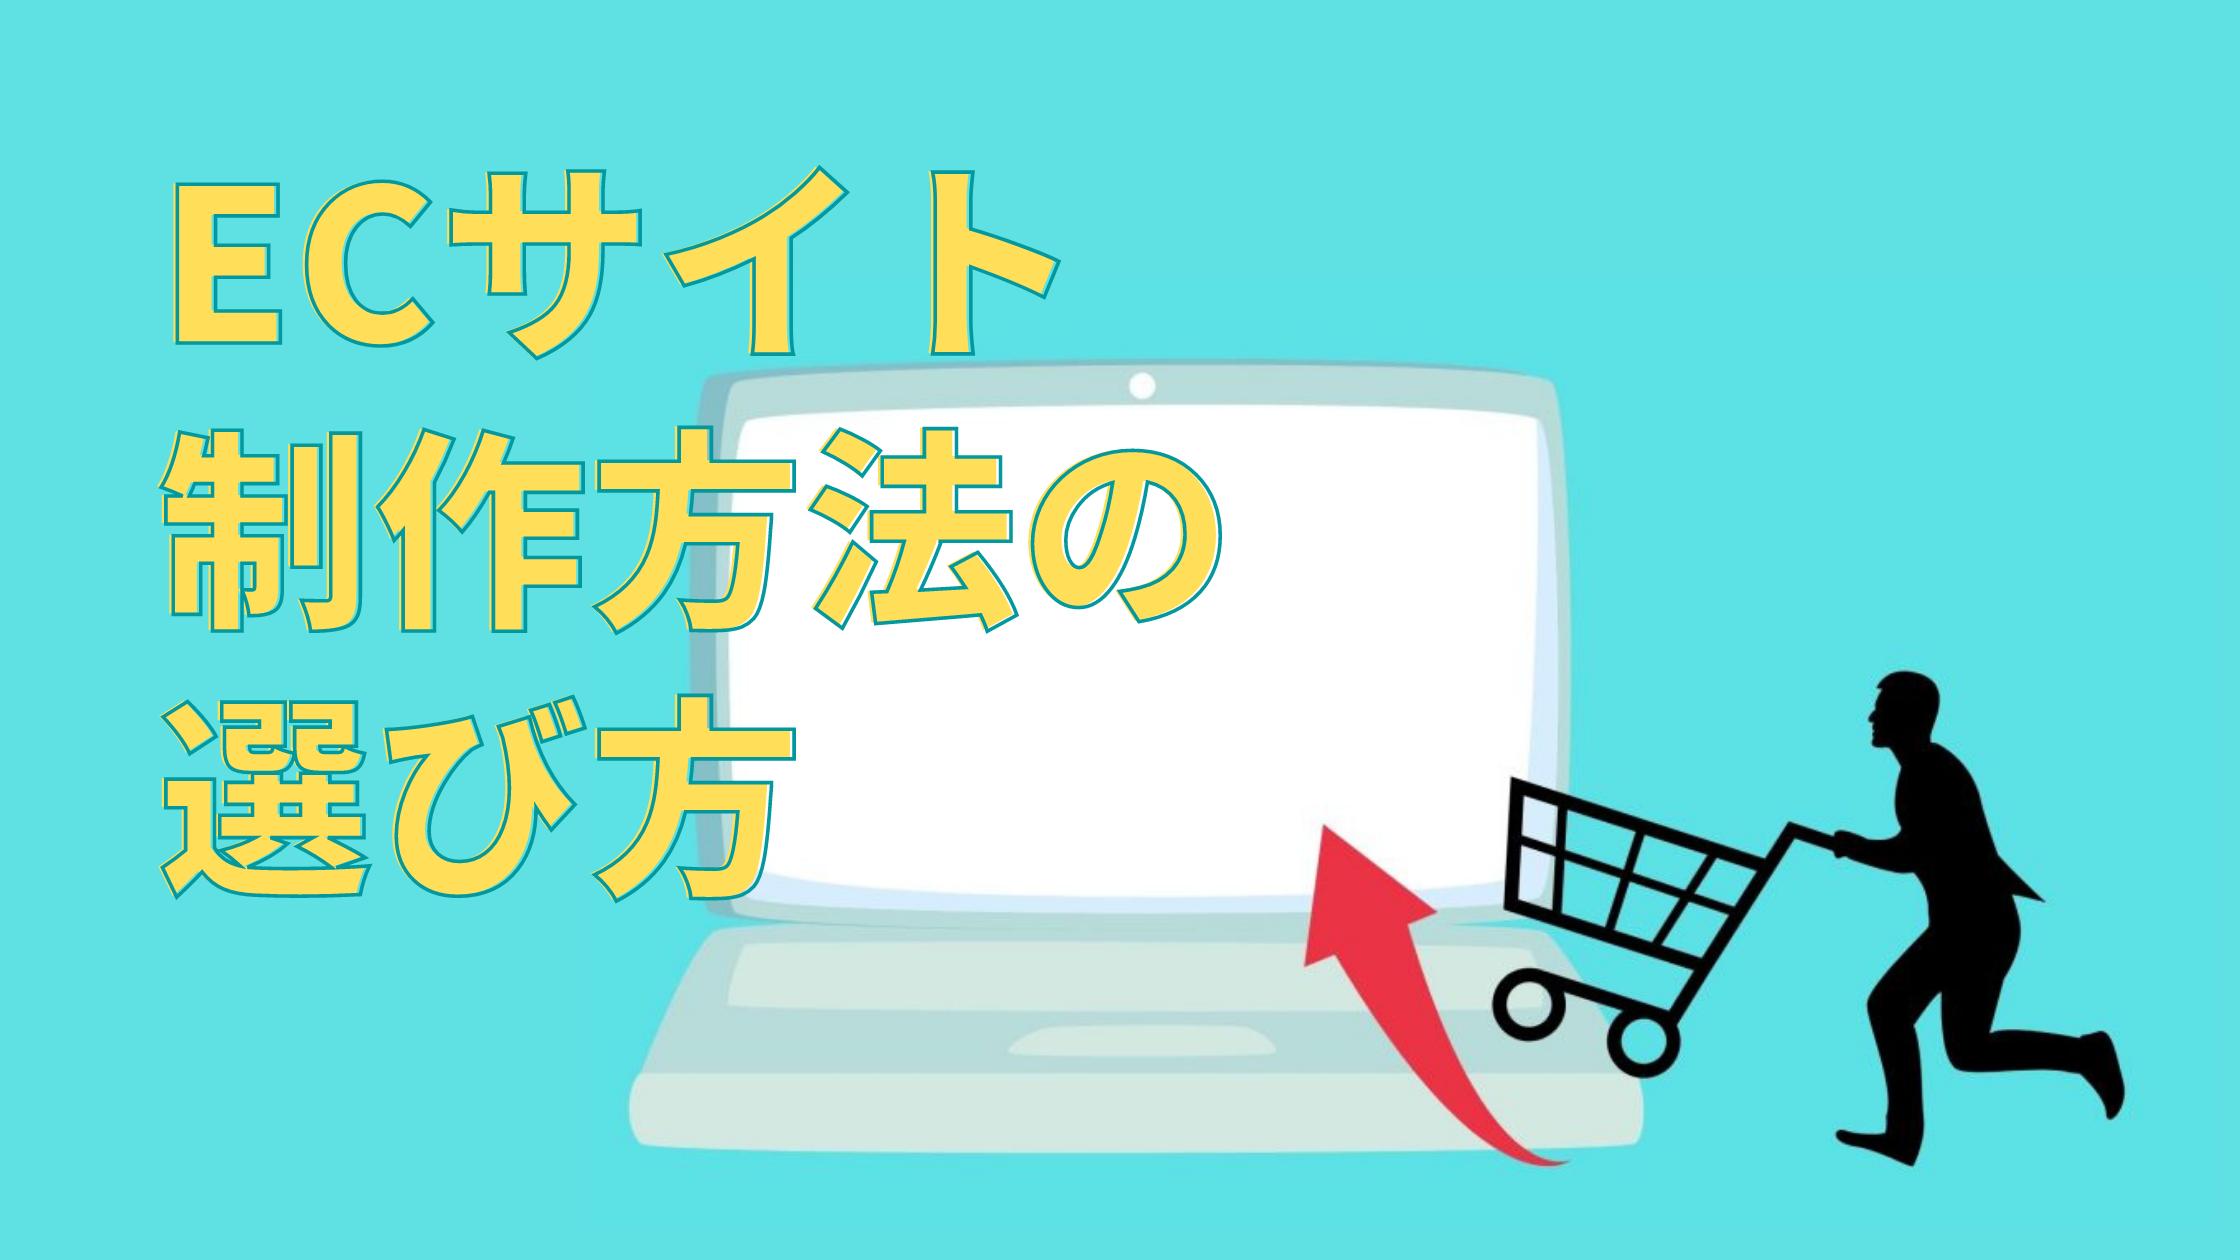 【解説】ECサイト制作方法の選び方